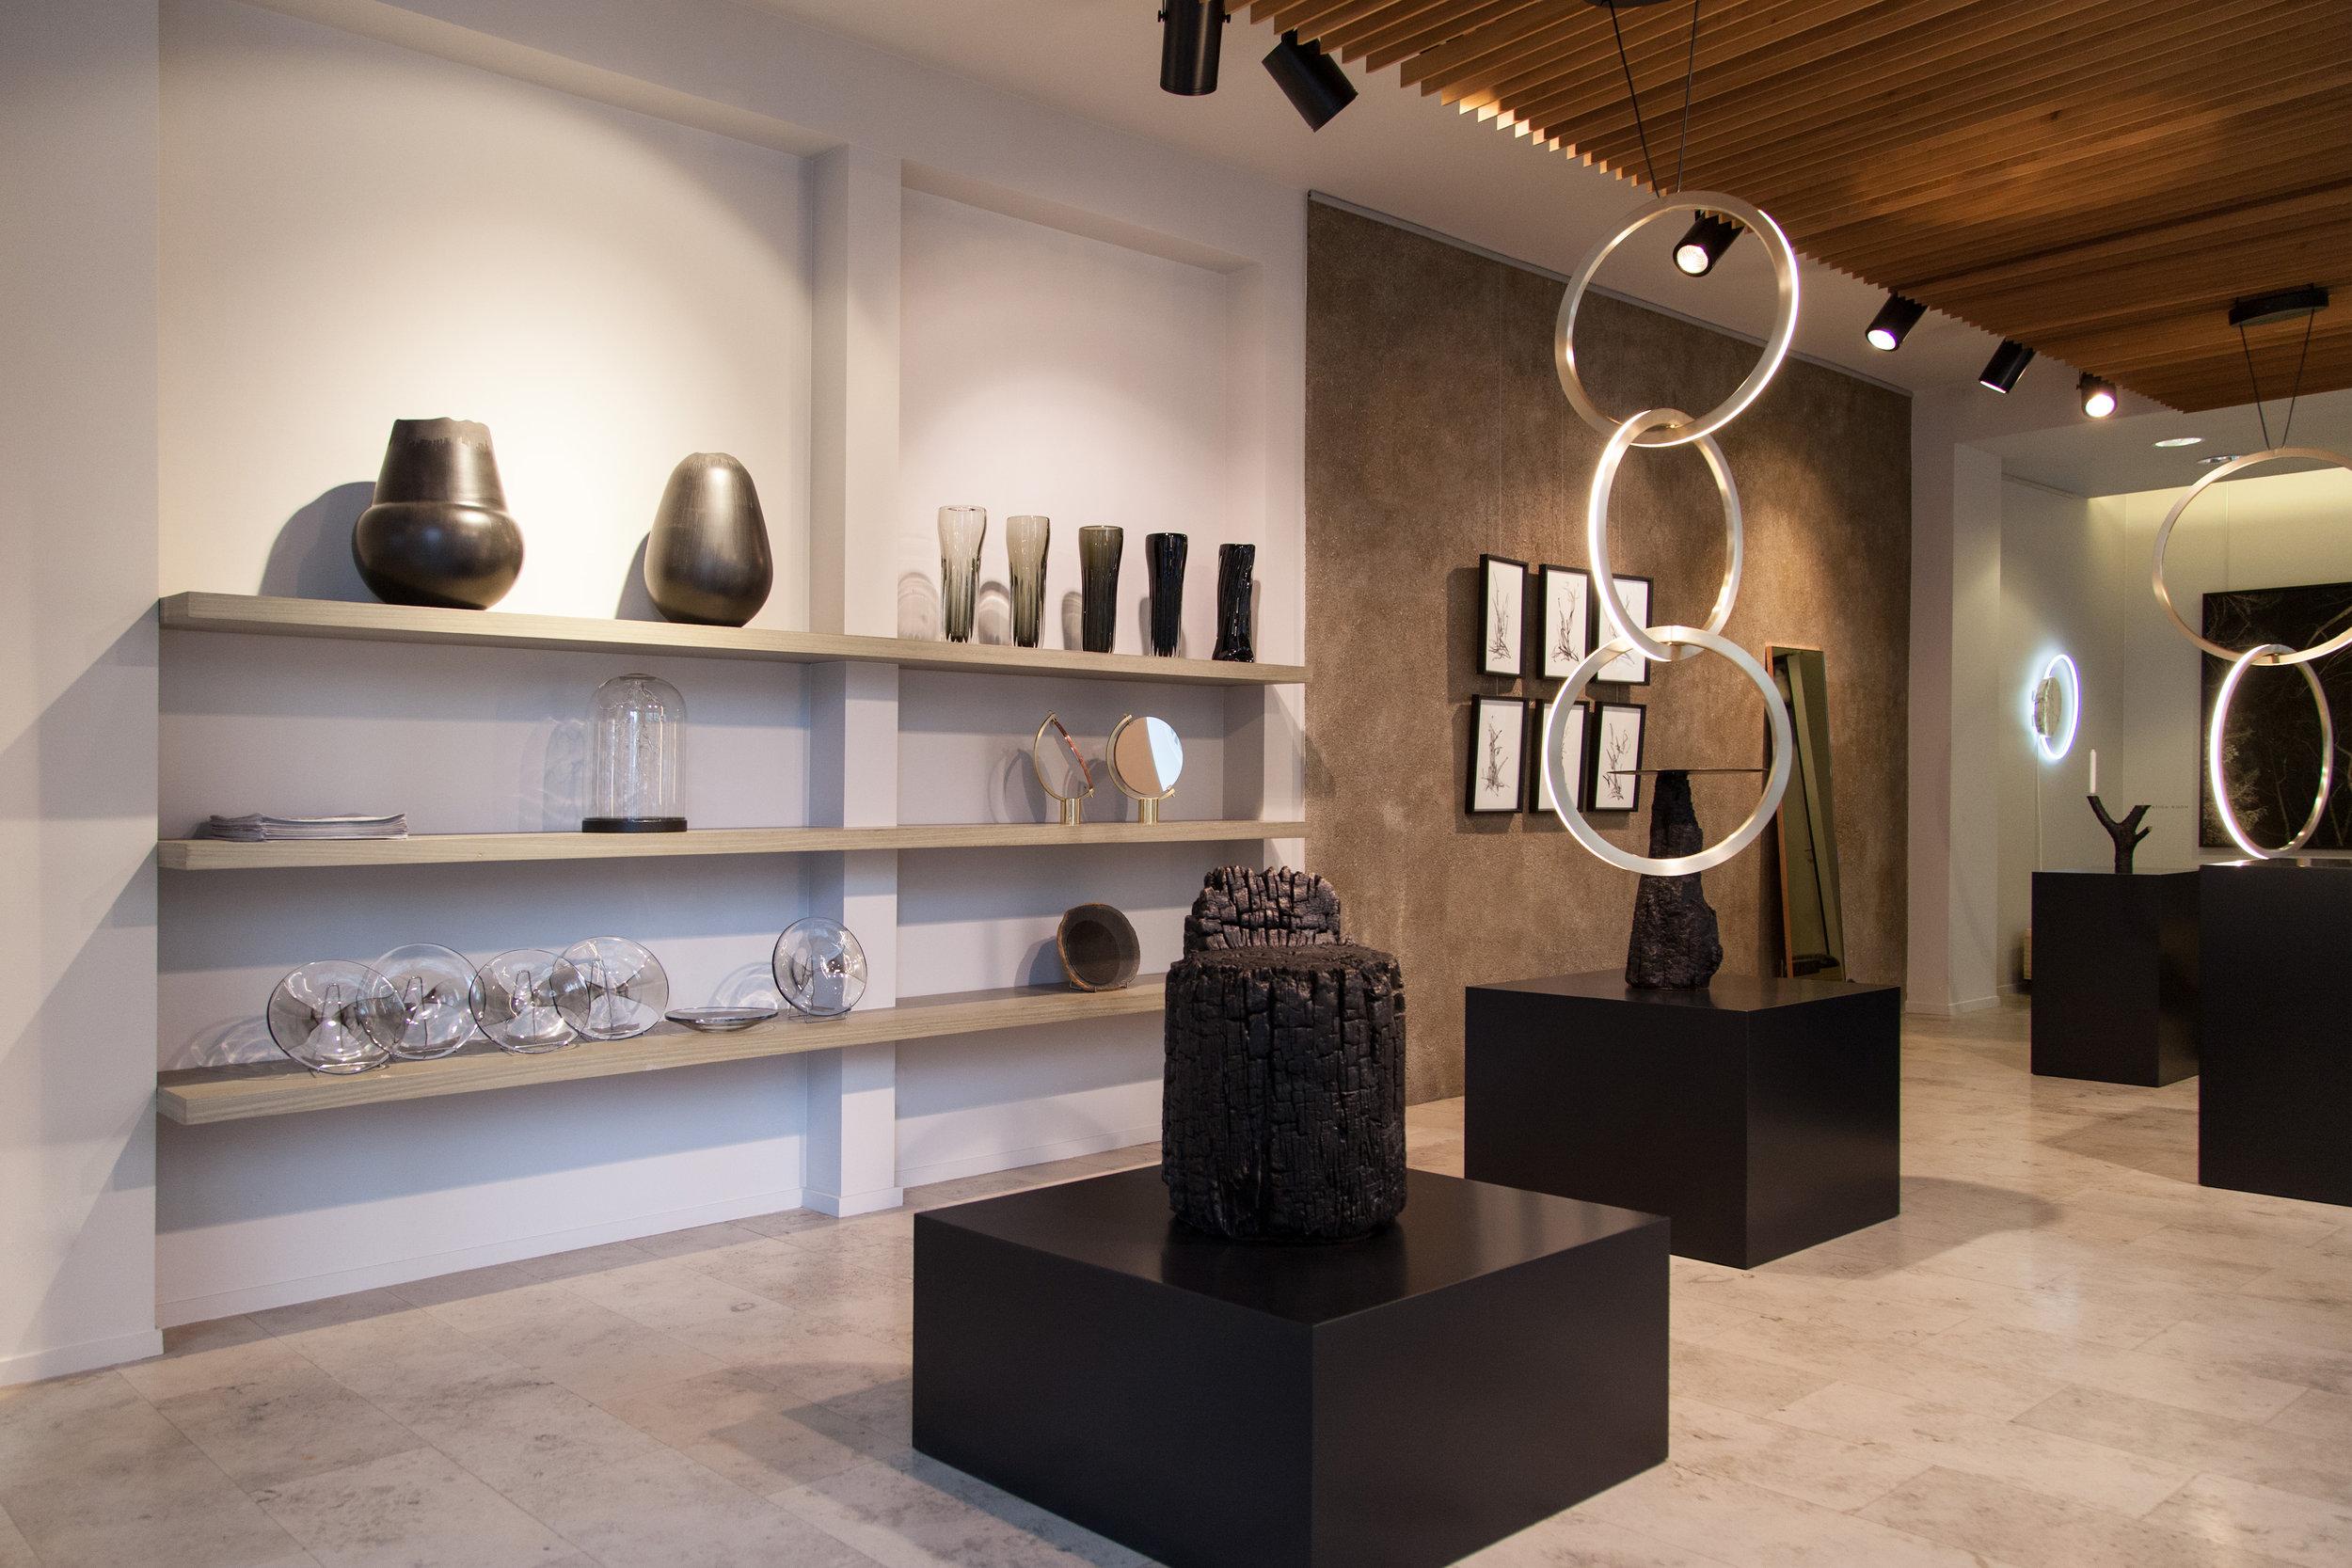 Visite des installations à la galerie Bensimon. Crédit photo : Bensimon.